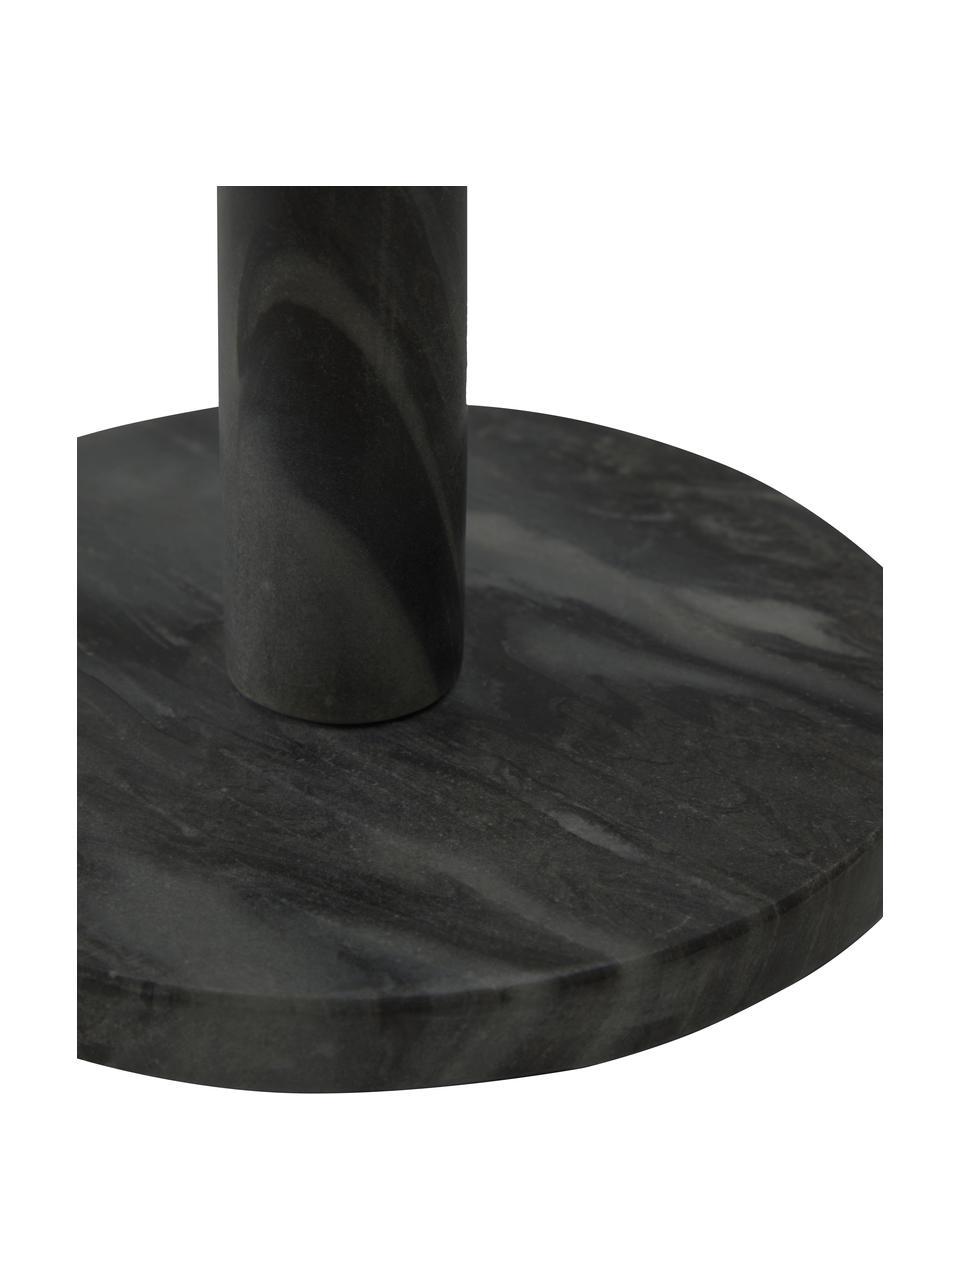 Uchwyt na ręcznik kuchenny z marmuru Johana, Marmur, Czarny, marmurowy, Ø 15 x W 30 cm